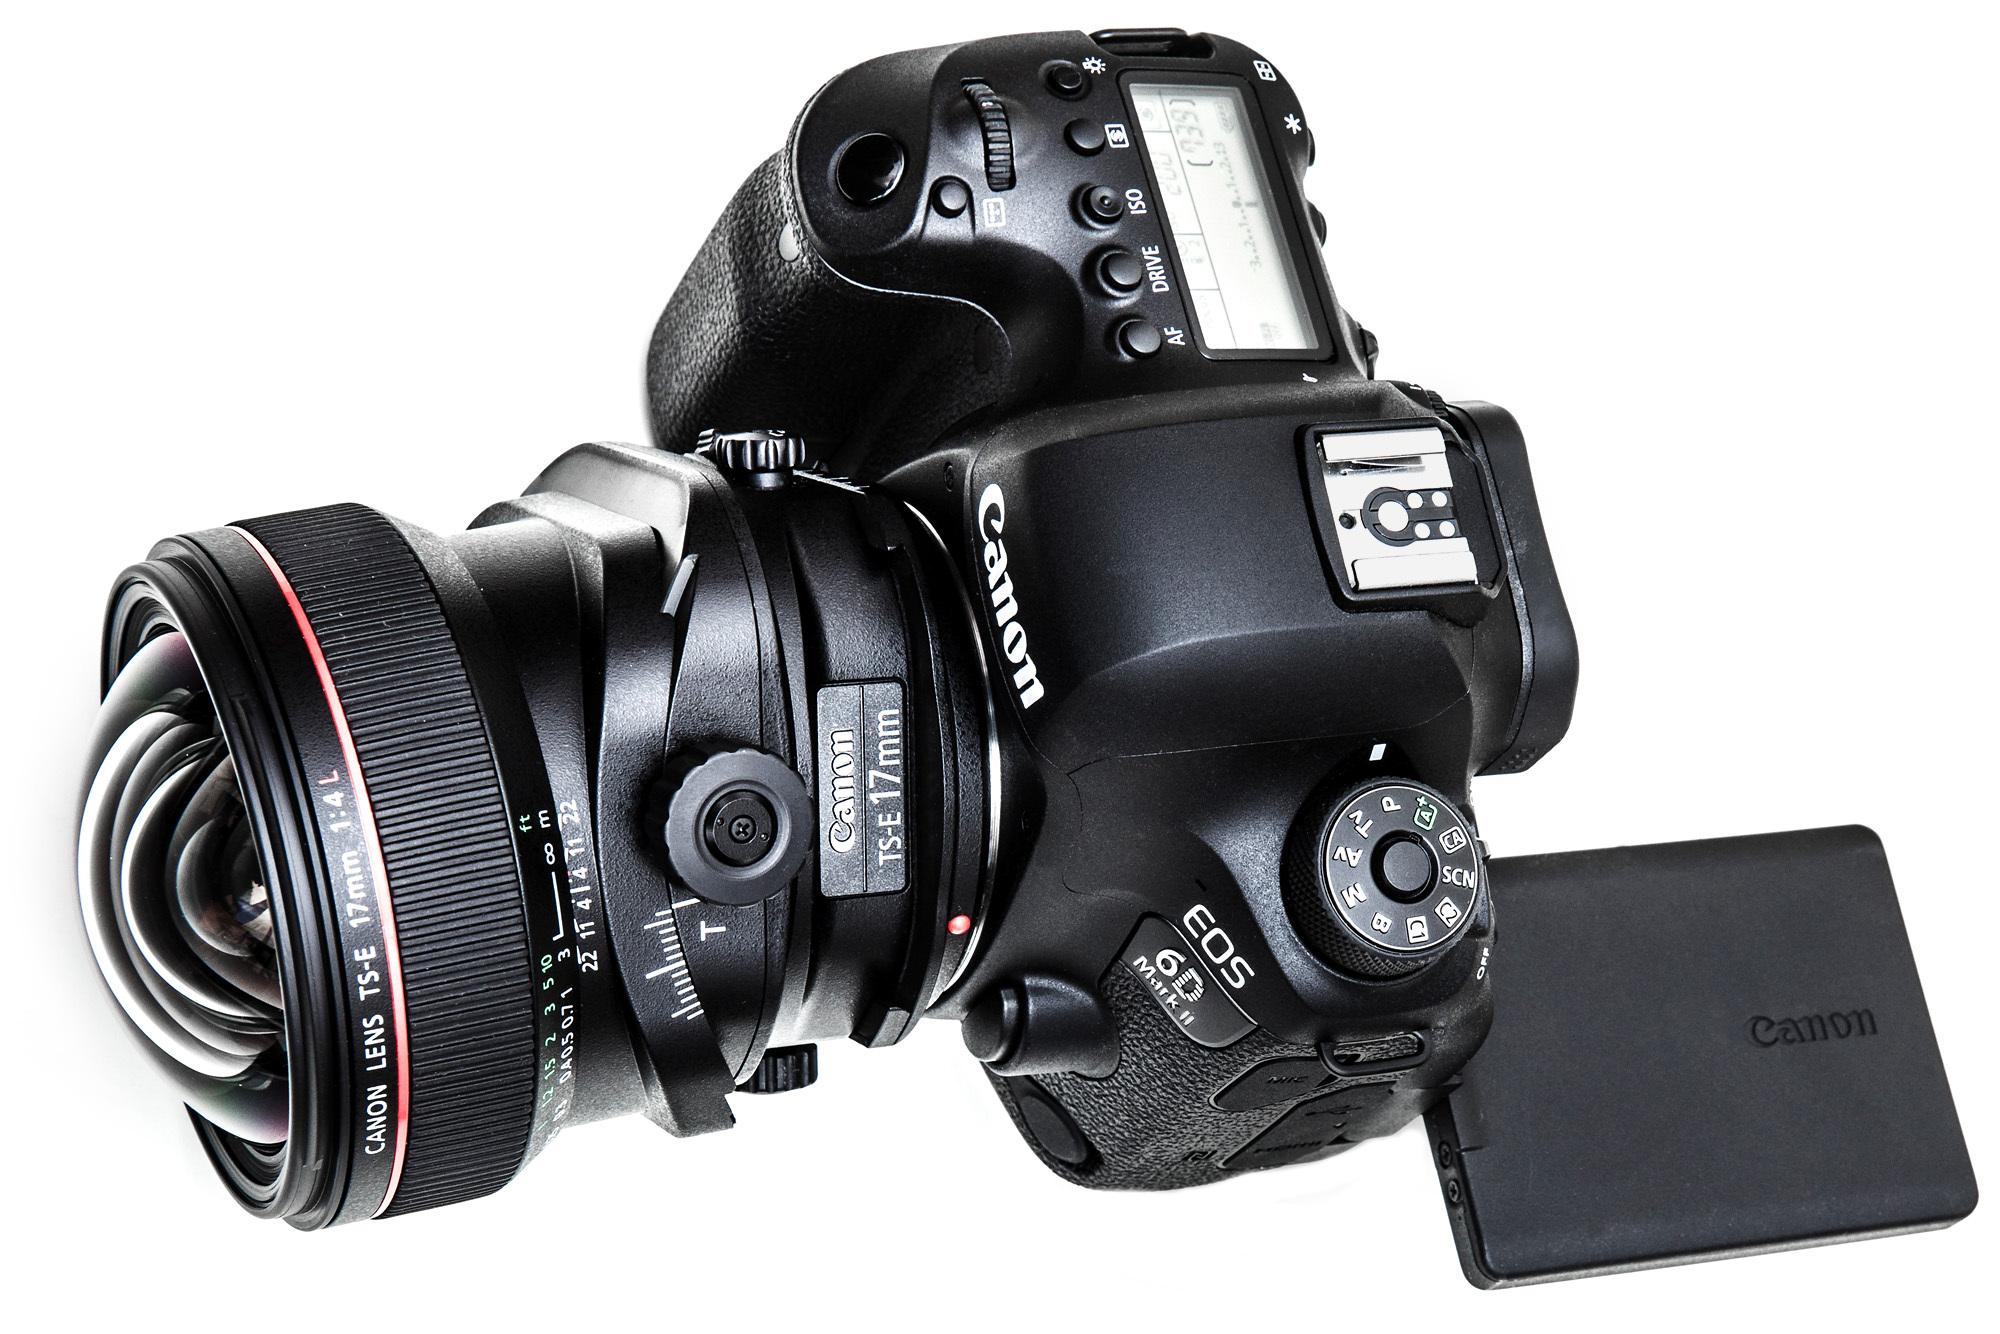 Chans att uppgradera digitalkameran ocksa 3